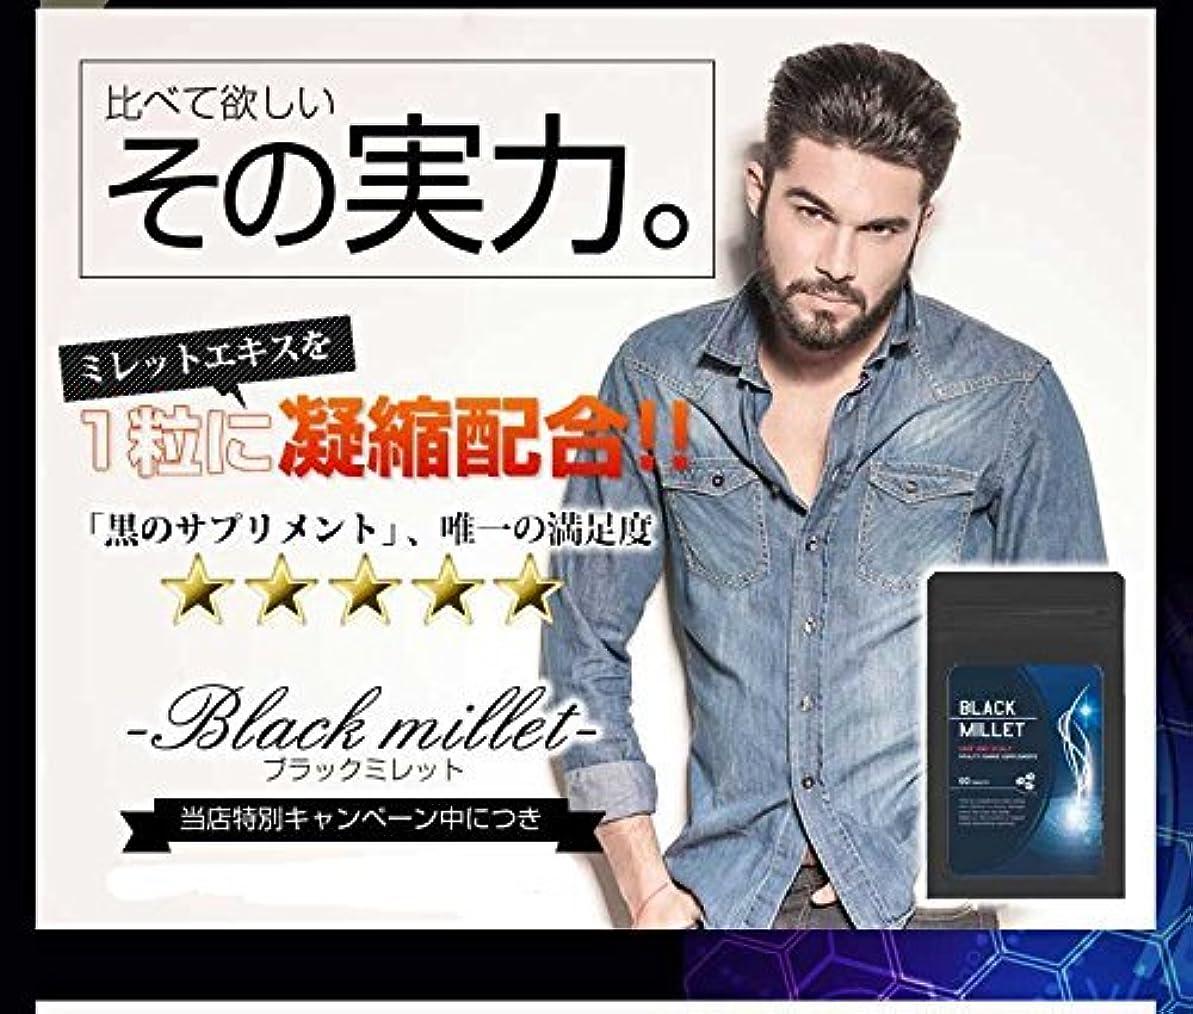 受け入れる成人期すばらしいですBlack millet (ブラックミレット)/【CC】